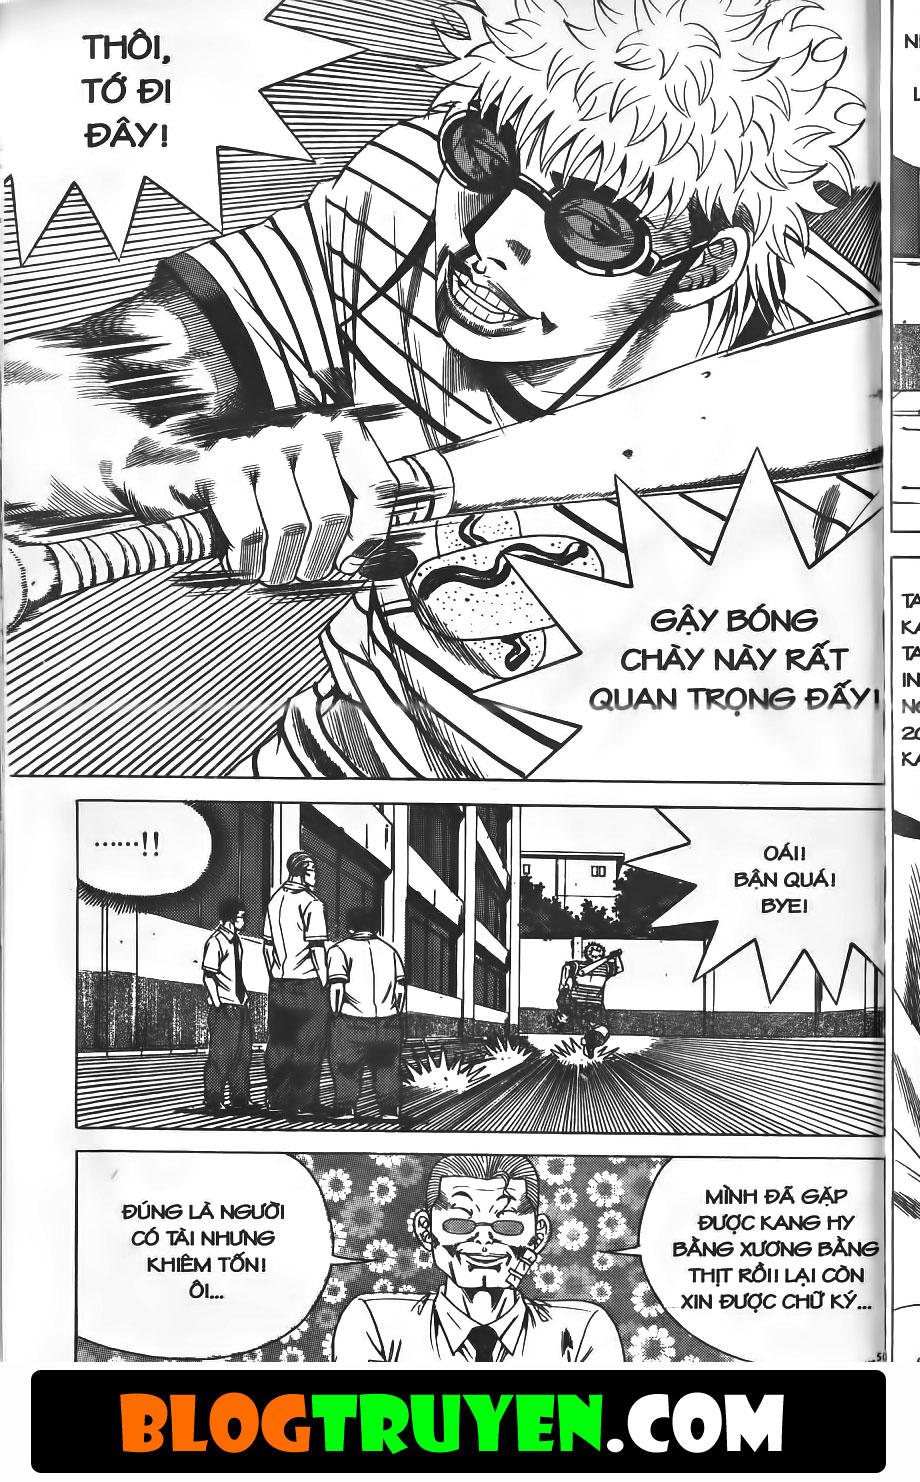 Bitagi - Anh chàng ngổ ngáo chap 150 trang 2